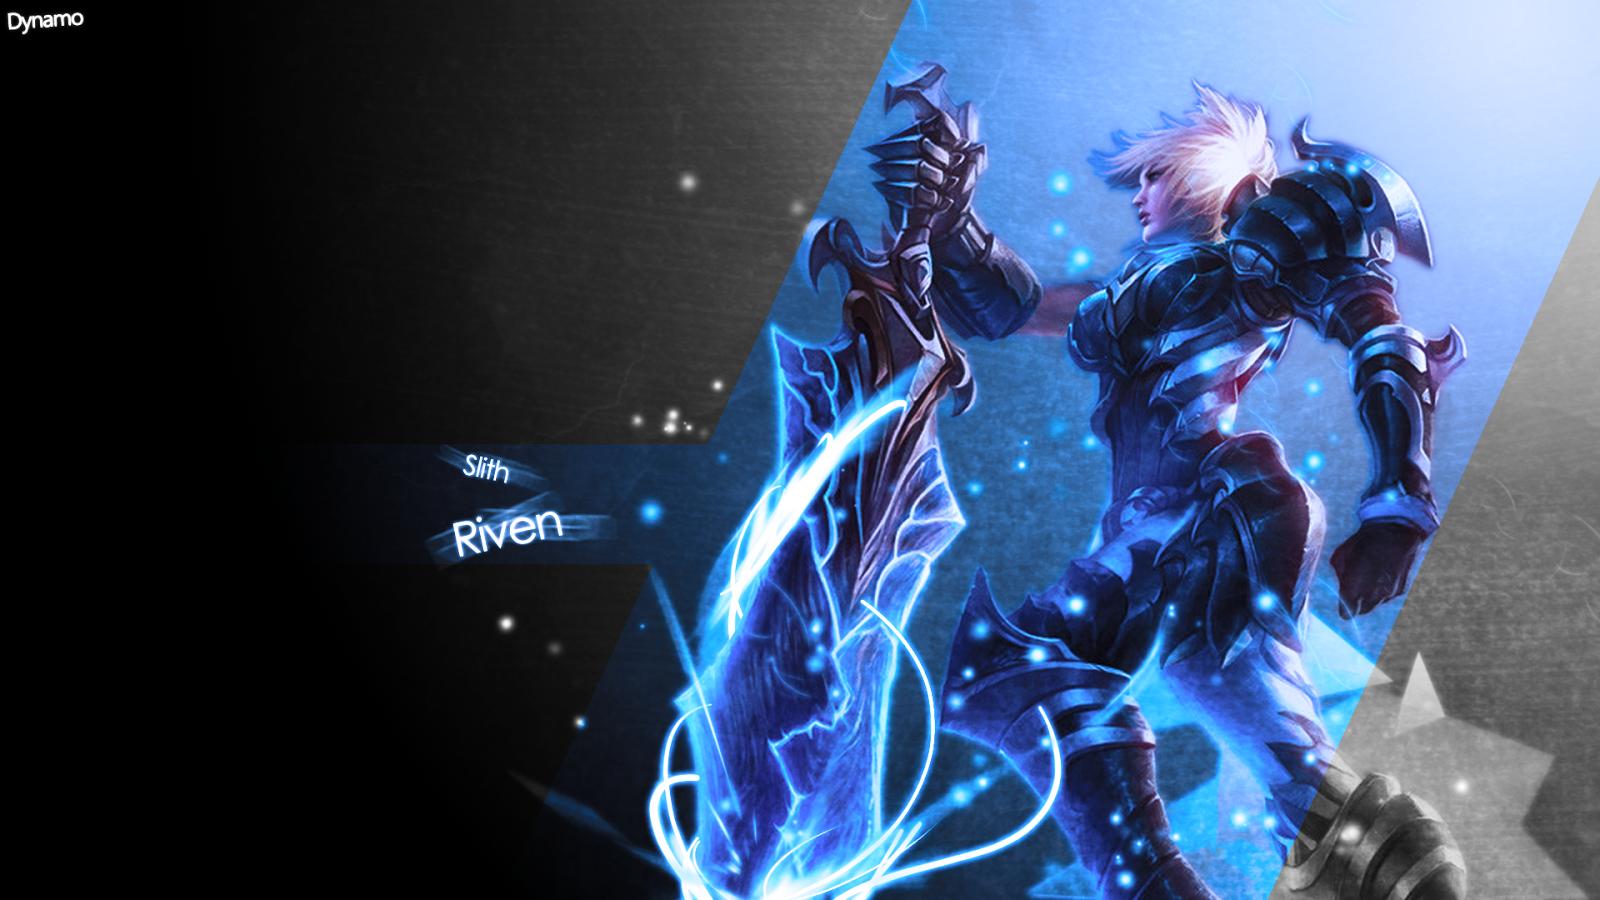 Riven League of Legends Wallpaper Riven Desktop Wallpaper 1600x900